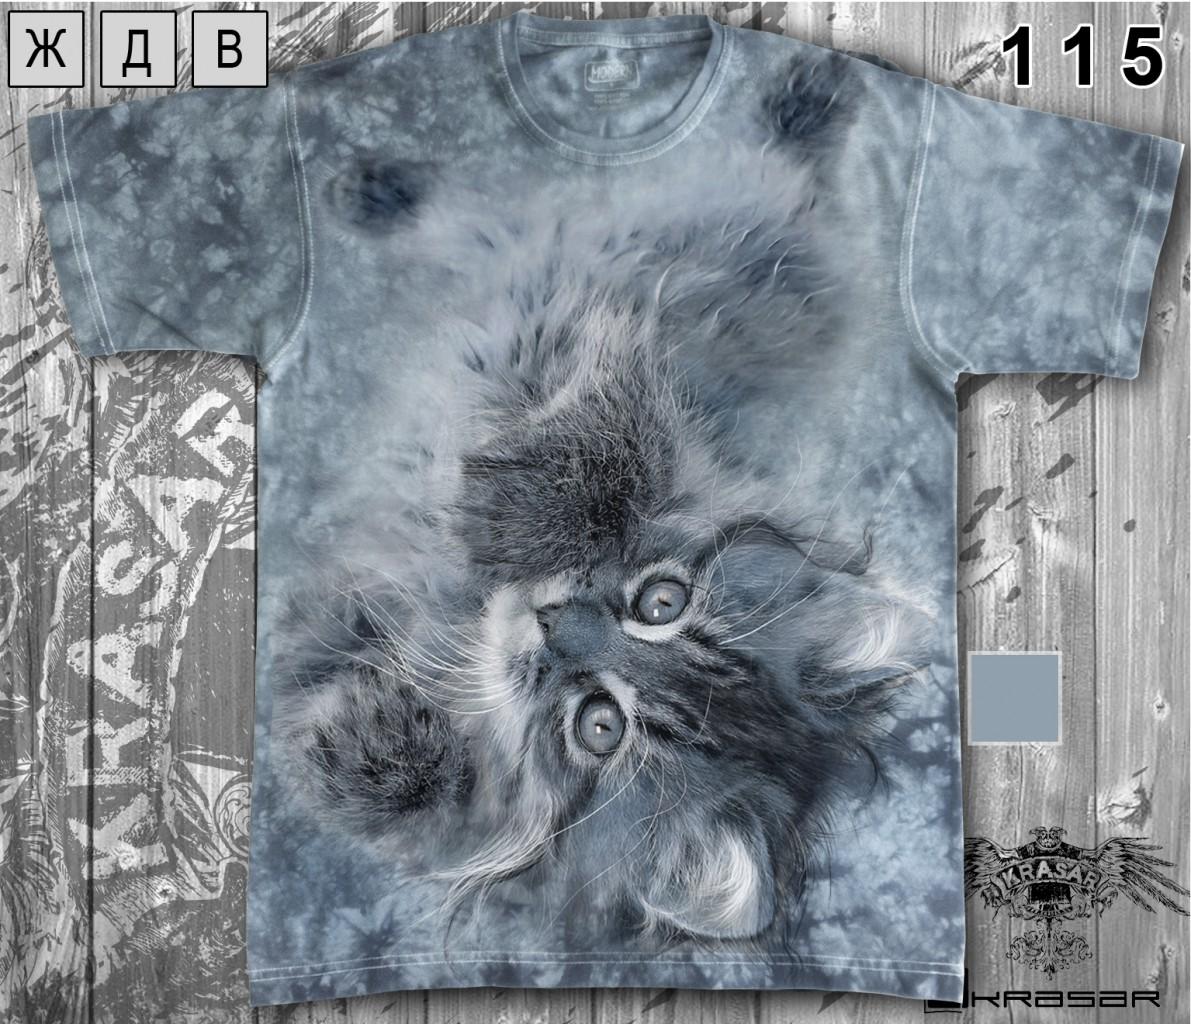 Стильные дизайнерские 3D футболки. Обалденные рисунки, натуральный хлопок. Сделано в России!